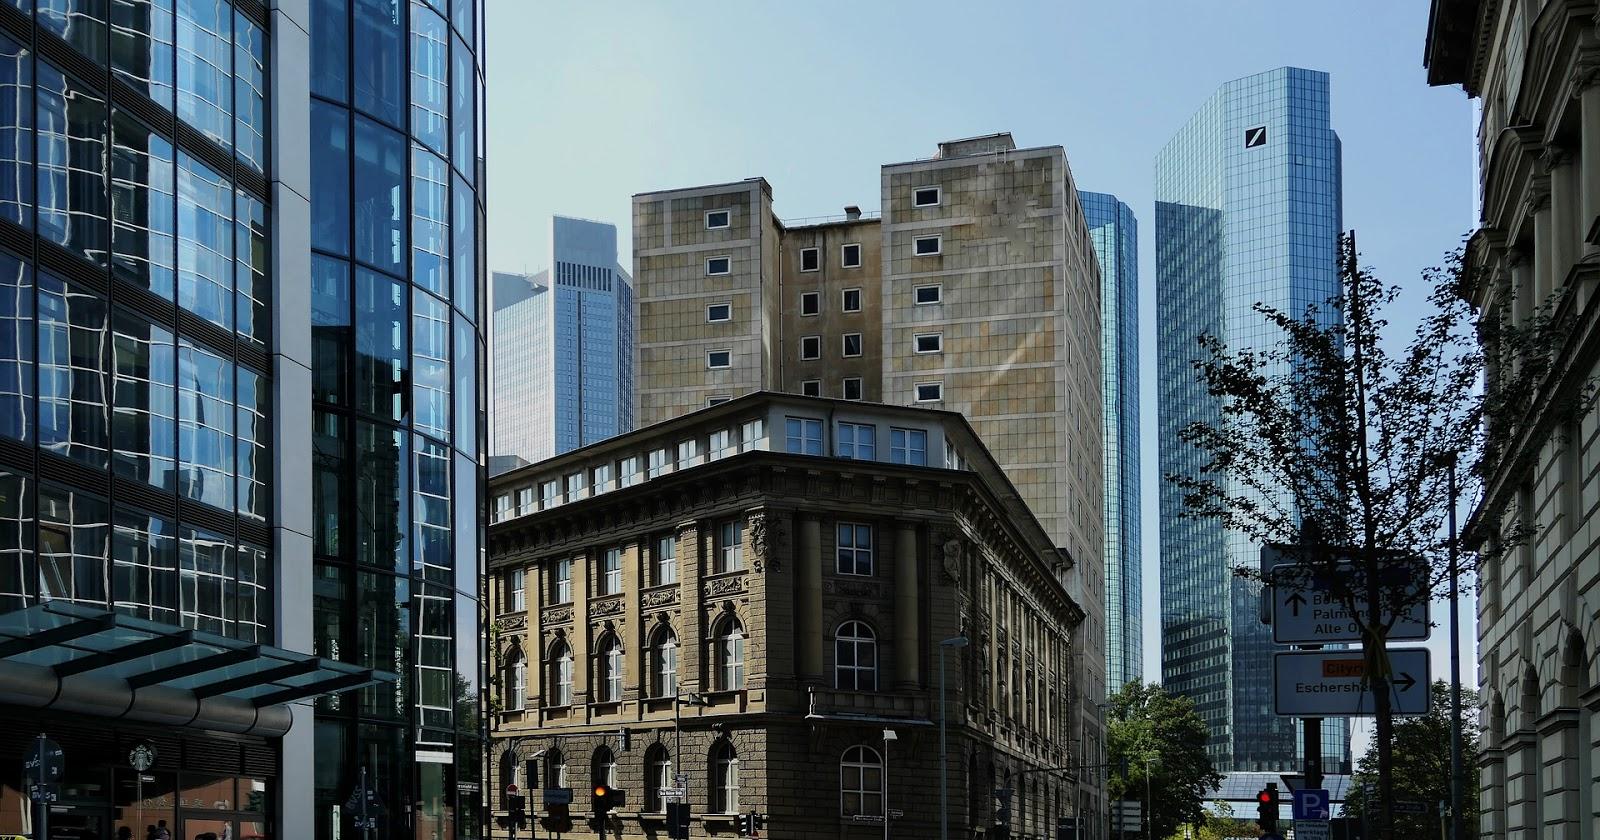 5 Saham Murah Untuk Jangka Panjang Sektor Perbankan ...